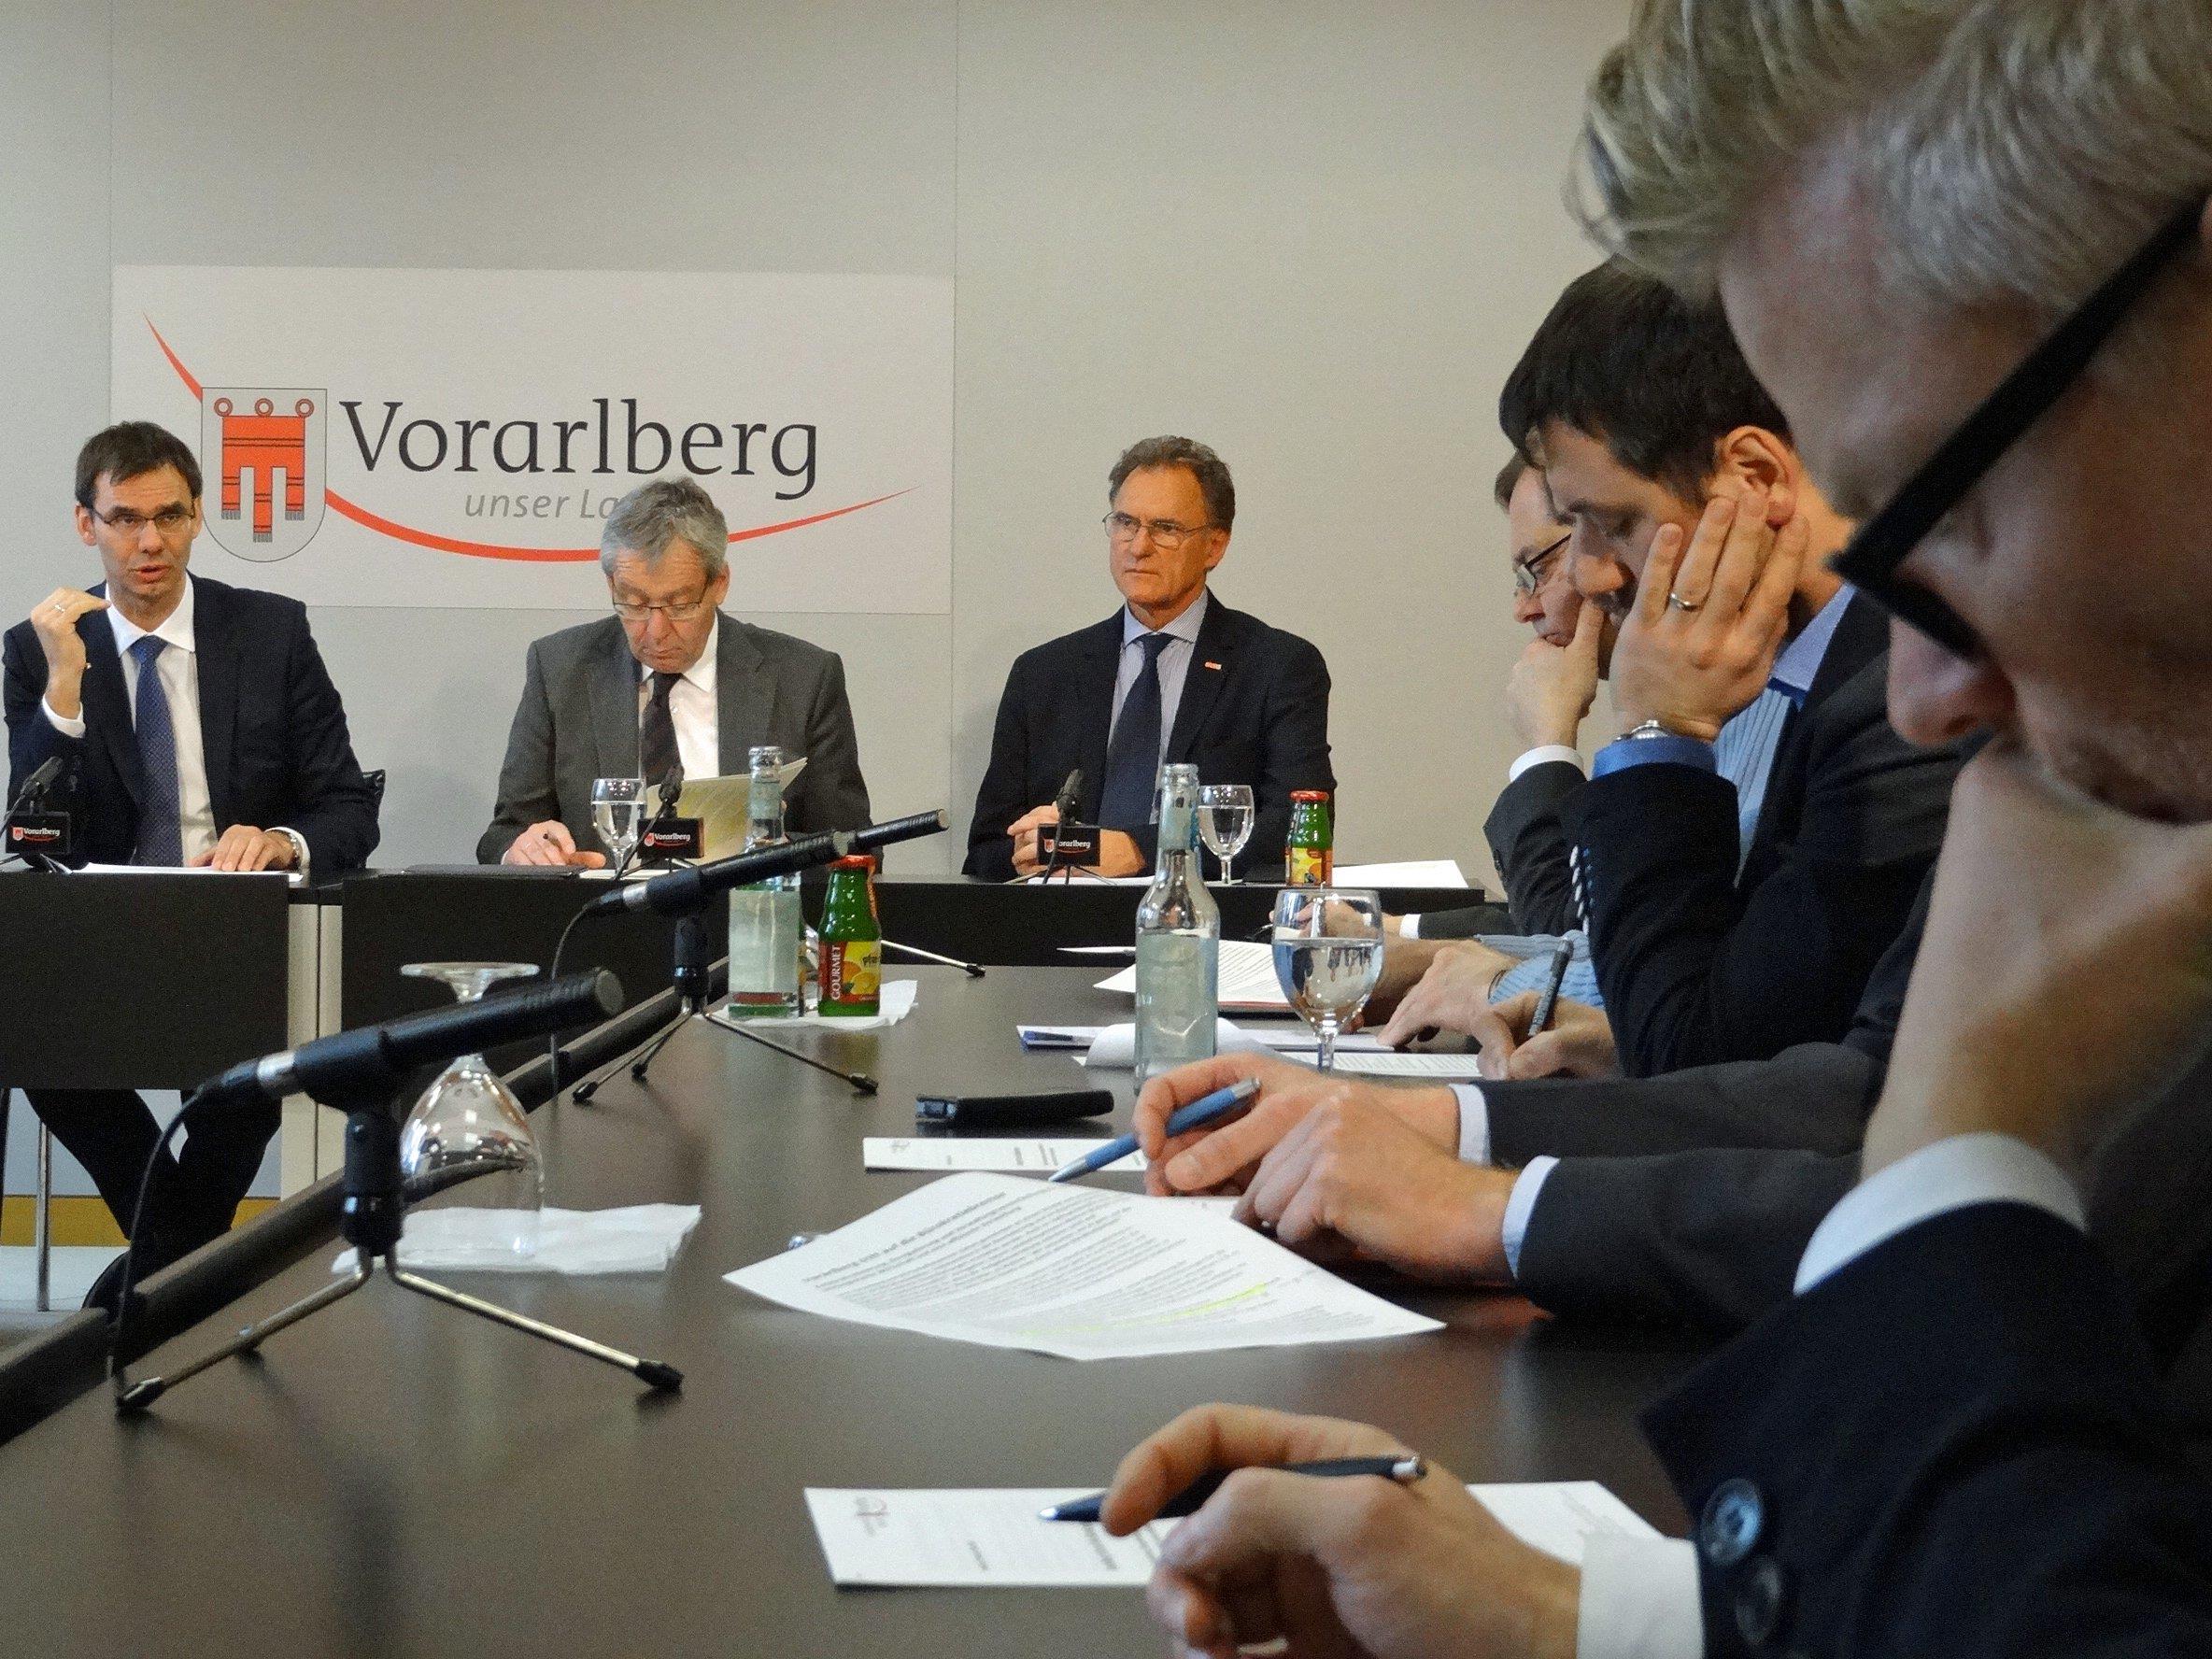 Landeshauptmann Wallner, Landesstatthalter Rüdisser und Wirtschaftskammerpräsident Rein erläuterten ihre gemeinsamen Bemühungen um Bürokratieabbau und Verwaltungsvereinfachung